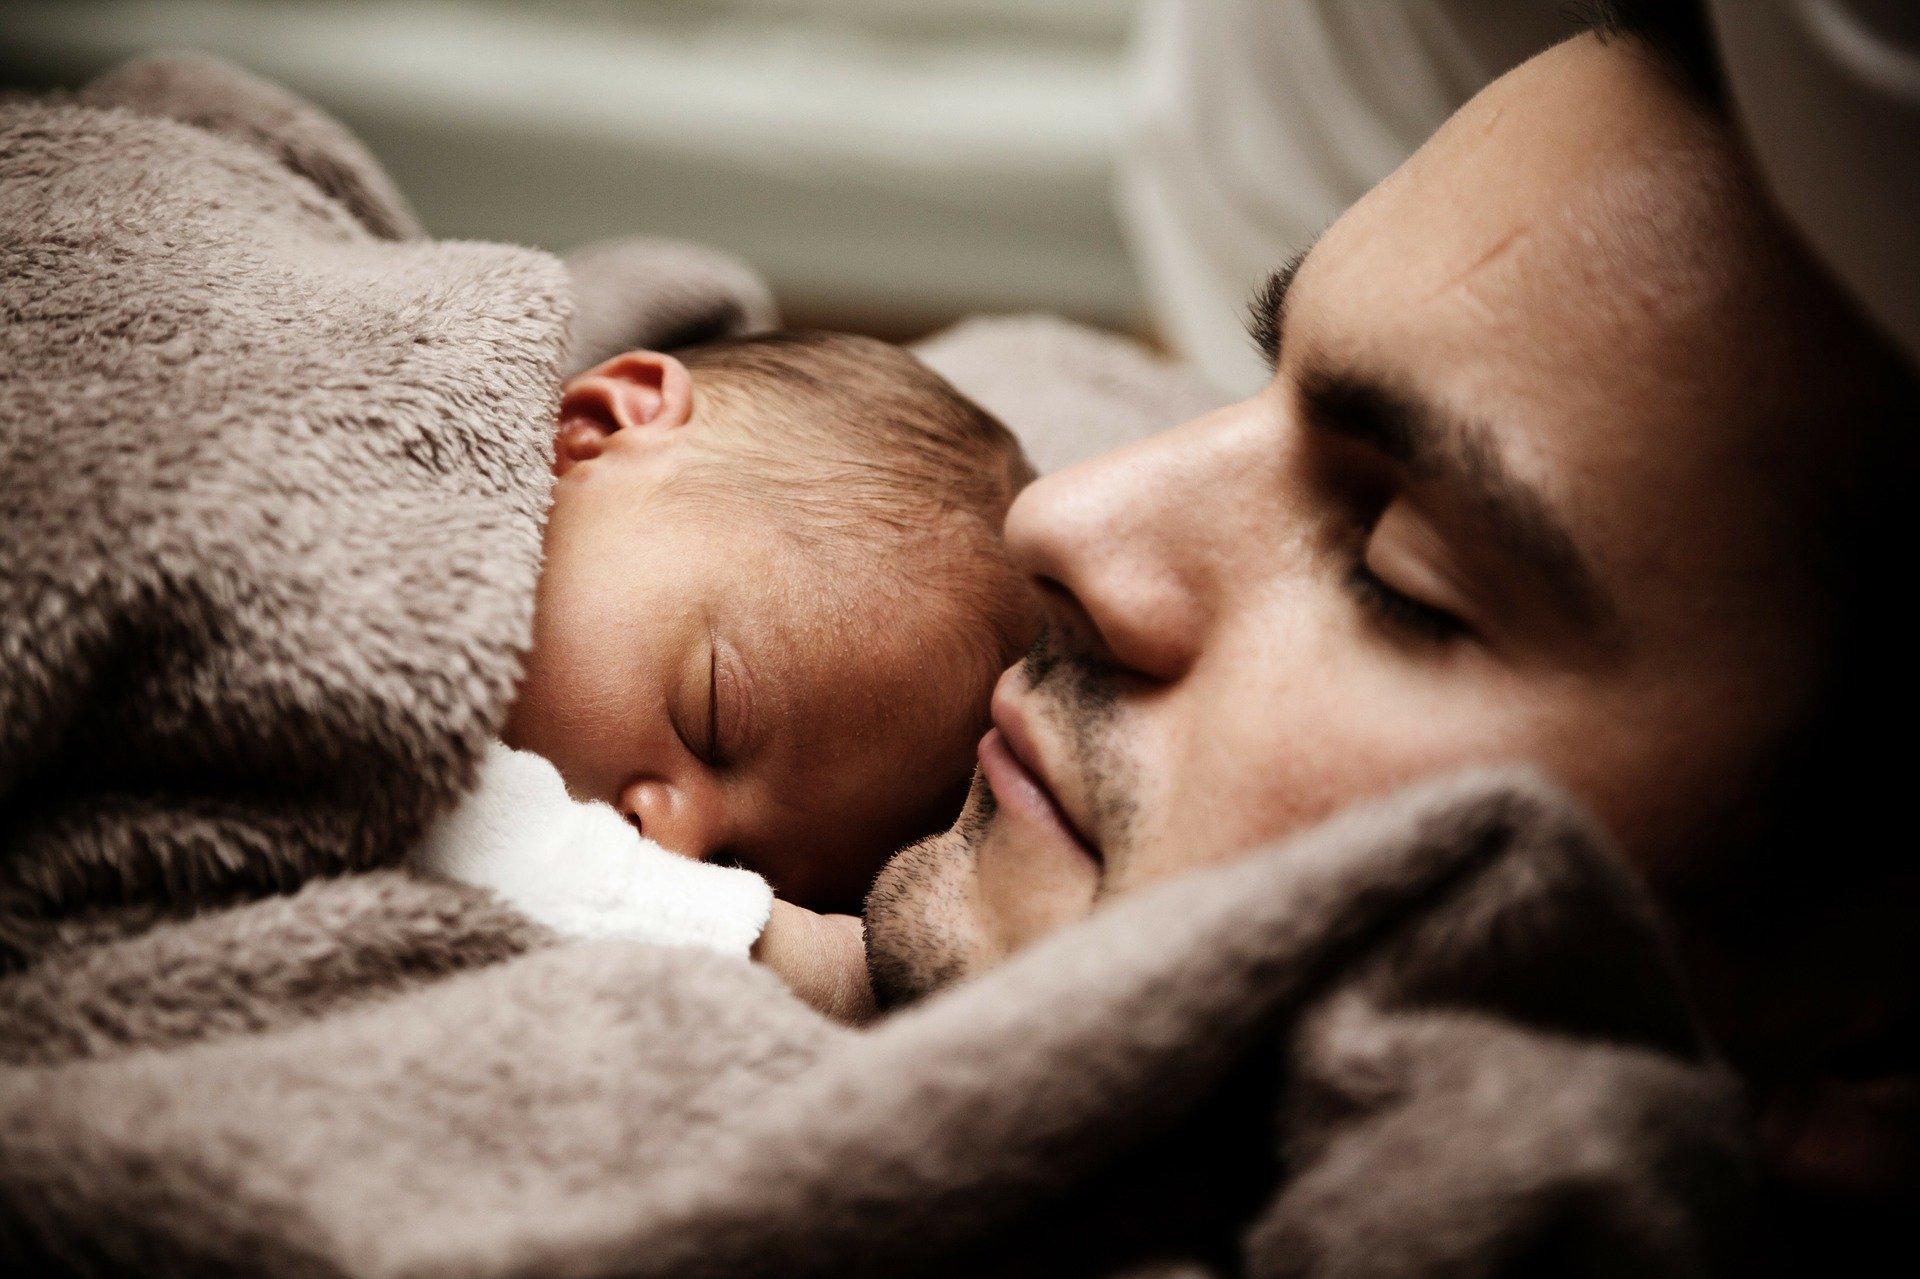 Dormir bien nos repara